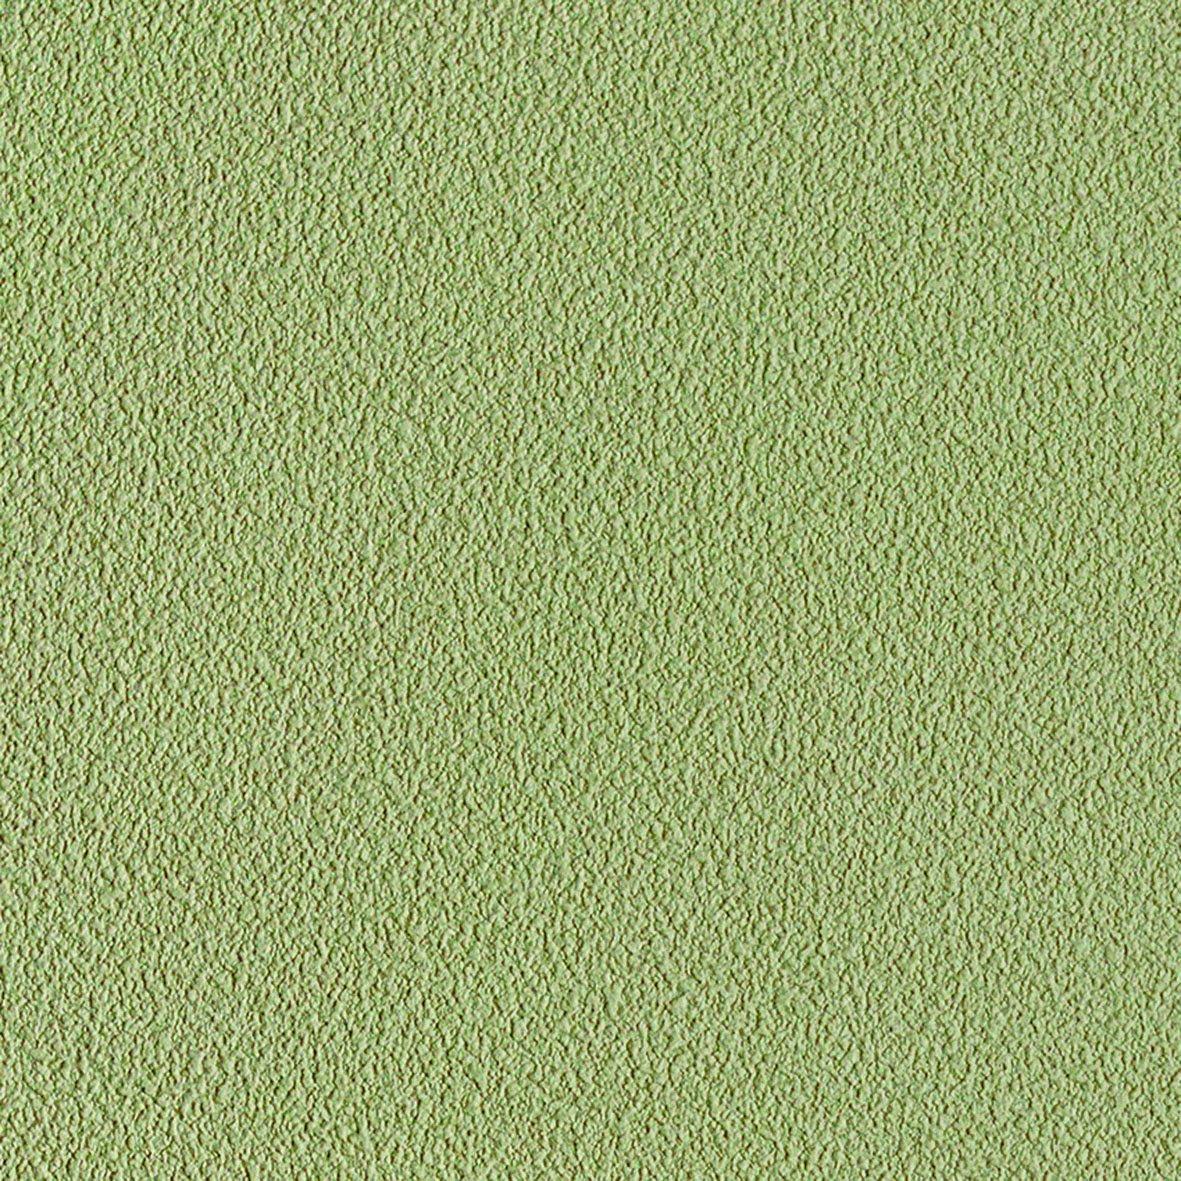 リリカラ 壁紙26m ナチュラル 石目調 グリーン LL-8281 B01MXDK289 26m|グリーン1